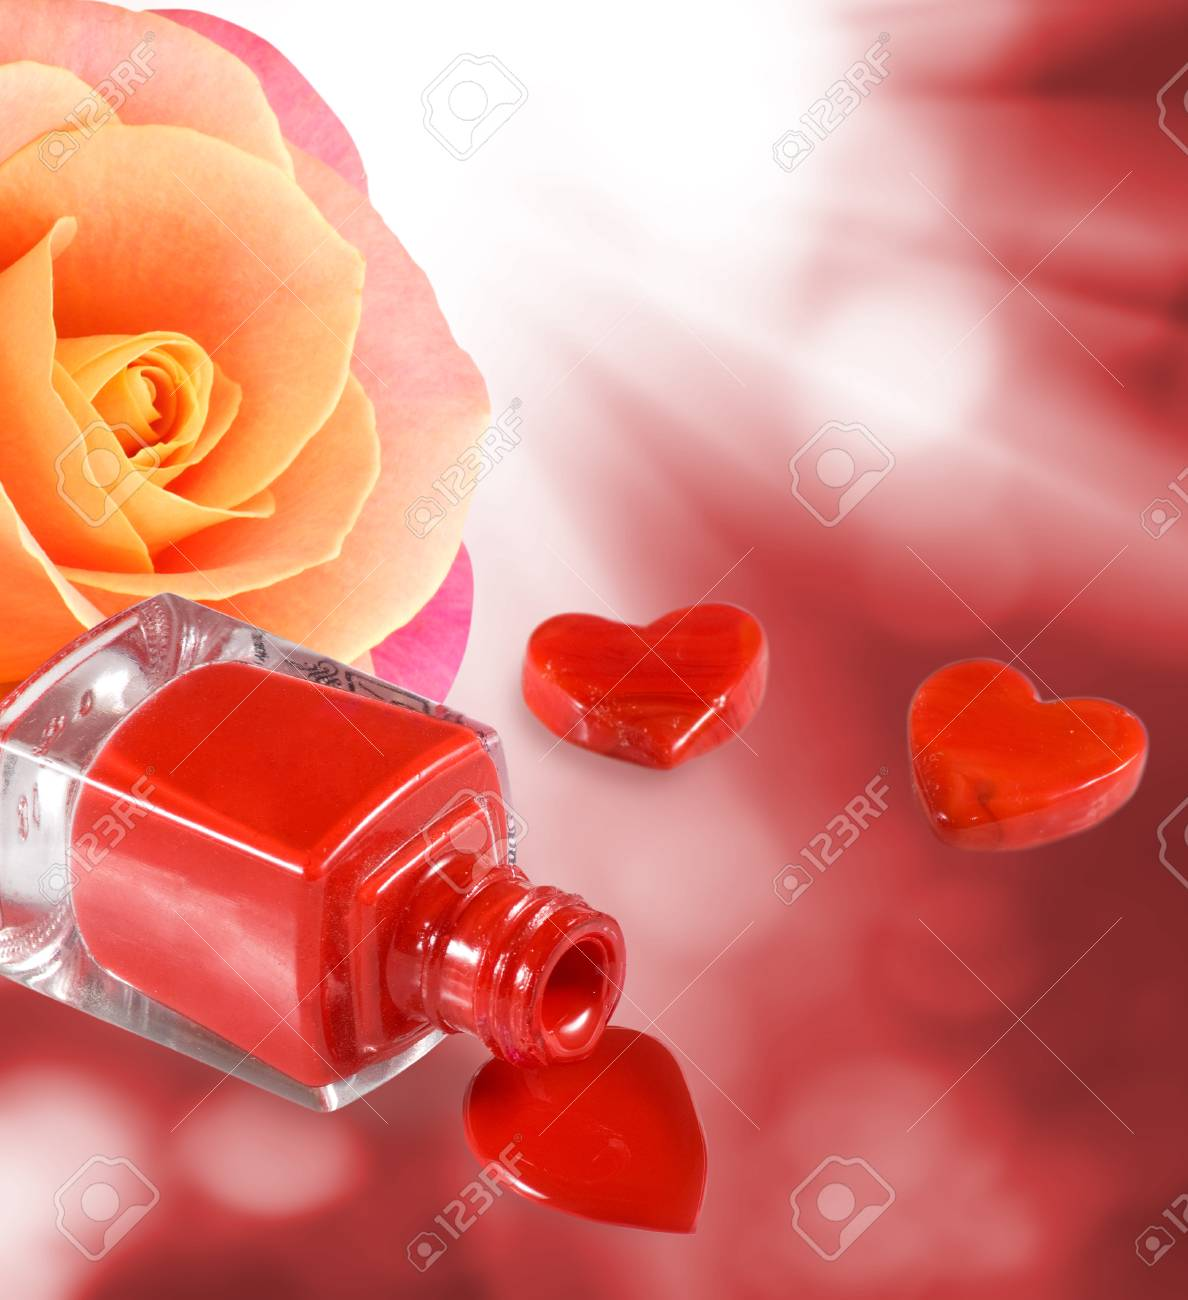 Imagen Aislado De Esmalte De Uñas Corazones Decorativos Y Flor Rosa